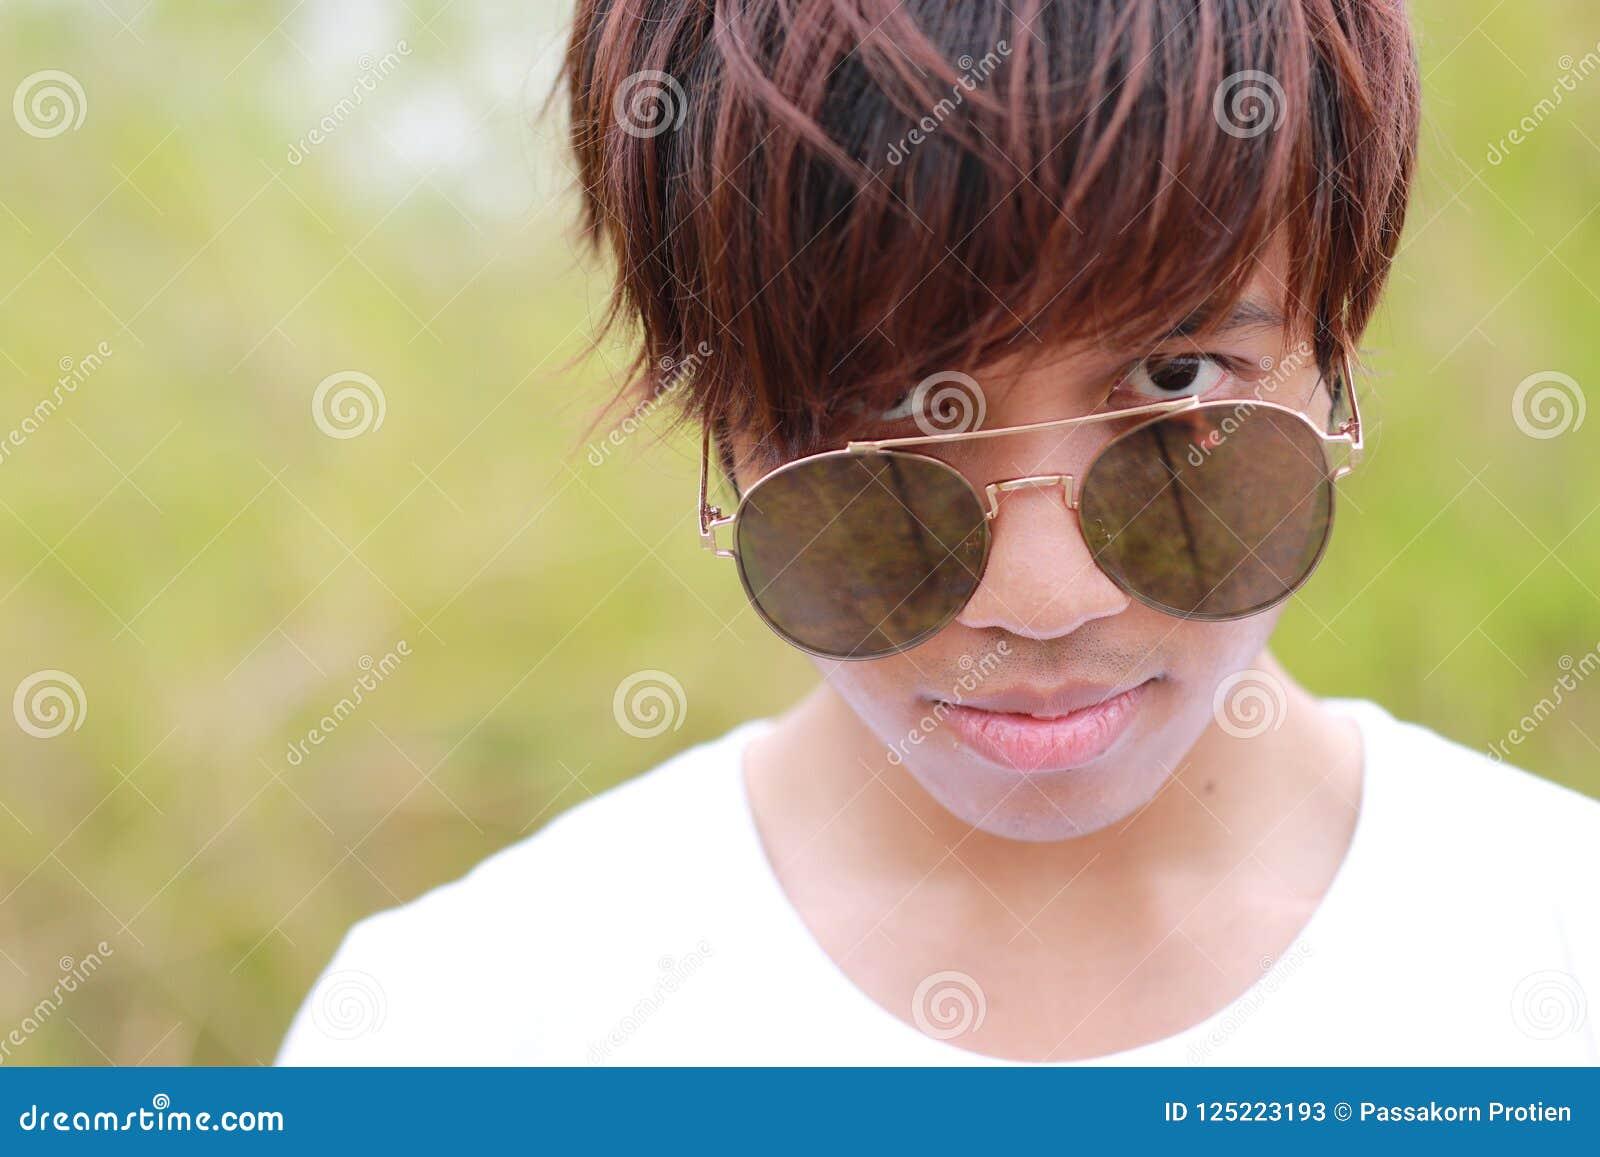 Ο επικεφαλής πυροβολισμός του ταϊλανδικού αρσενικού εφήβου στην άσπρα μπλούζα και τα γυαλιά ηλίου κοιτάζει επίμονα στη κάμερα